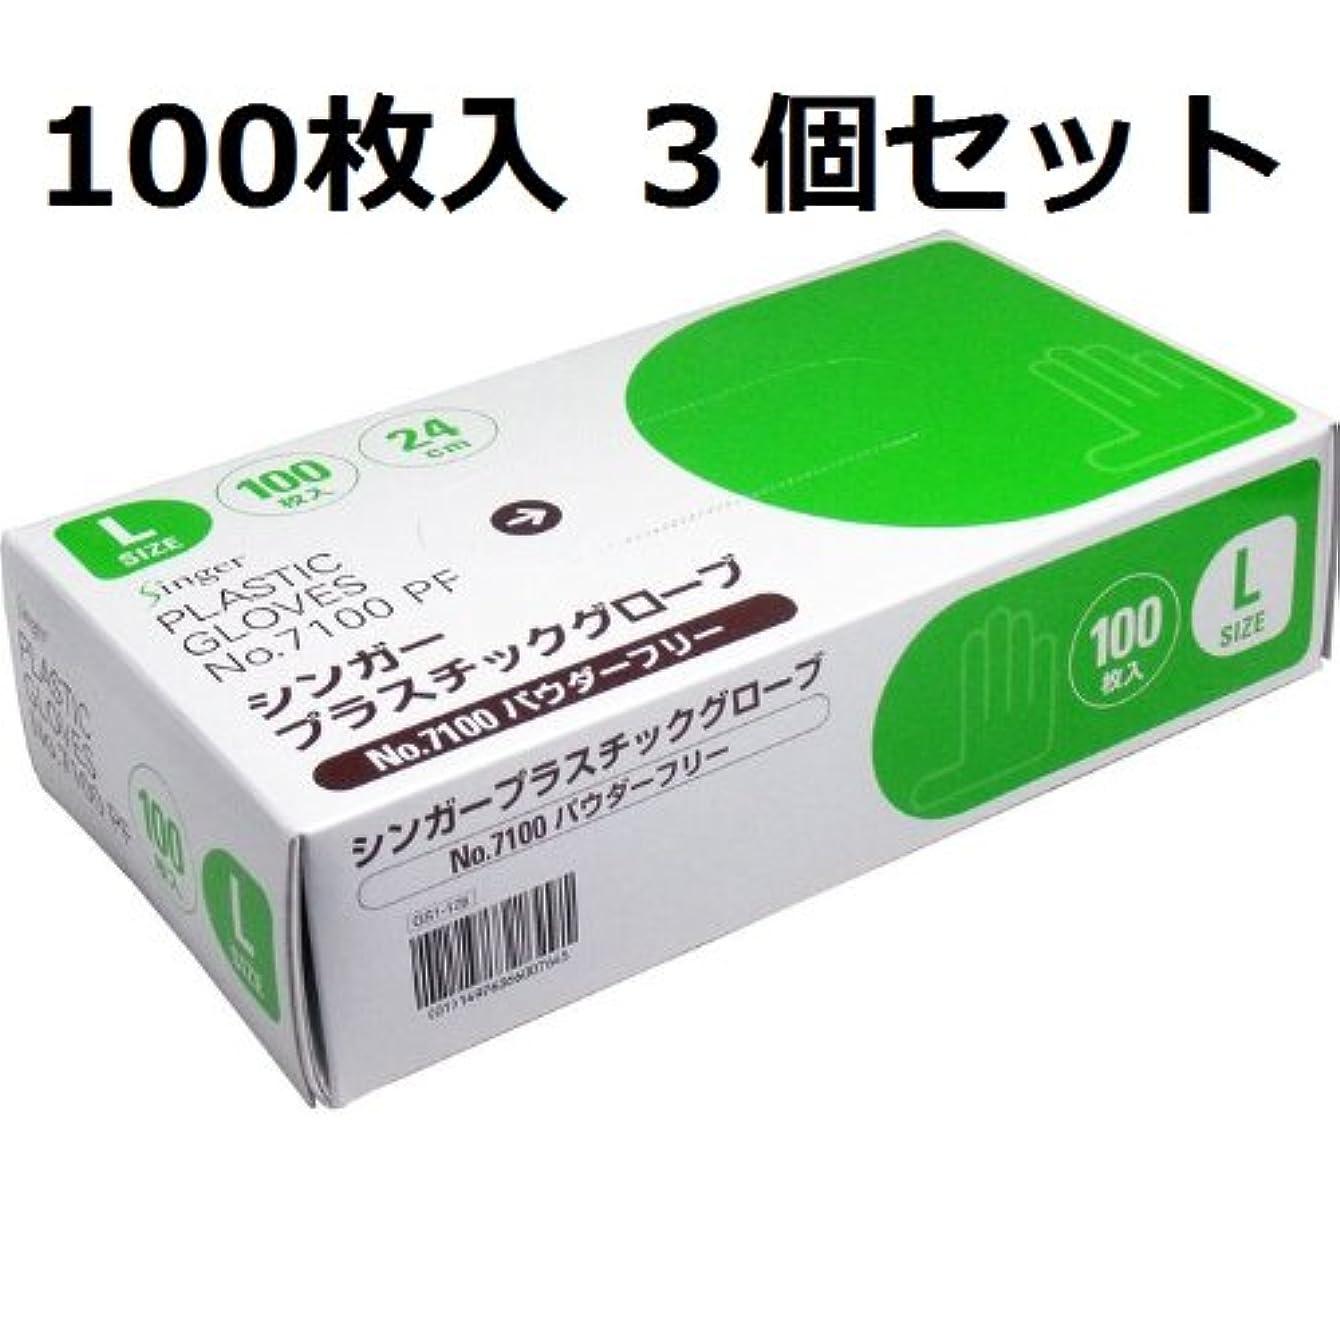 競合他社選手上流の罰素手感覚でお使いいただる シンガープラスチックグローブ No.7100 パウダーフリー Lサイズ 100枚入 3個セット